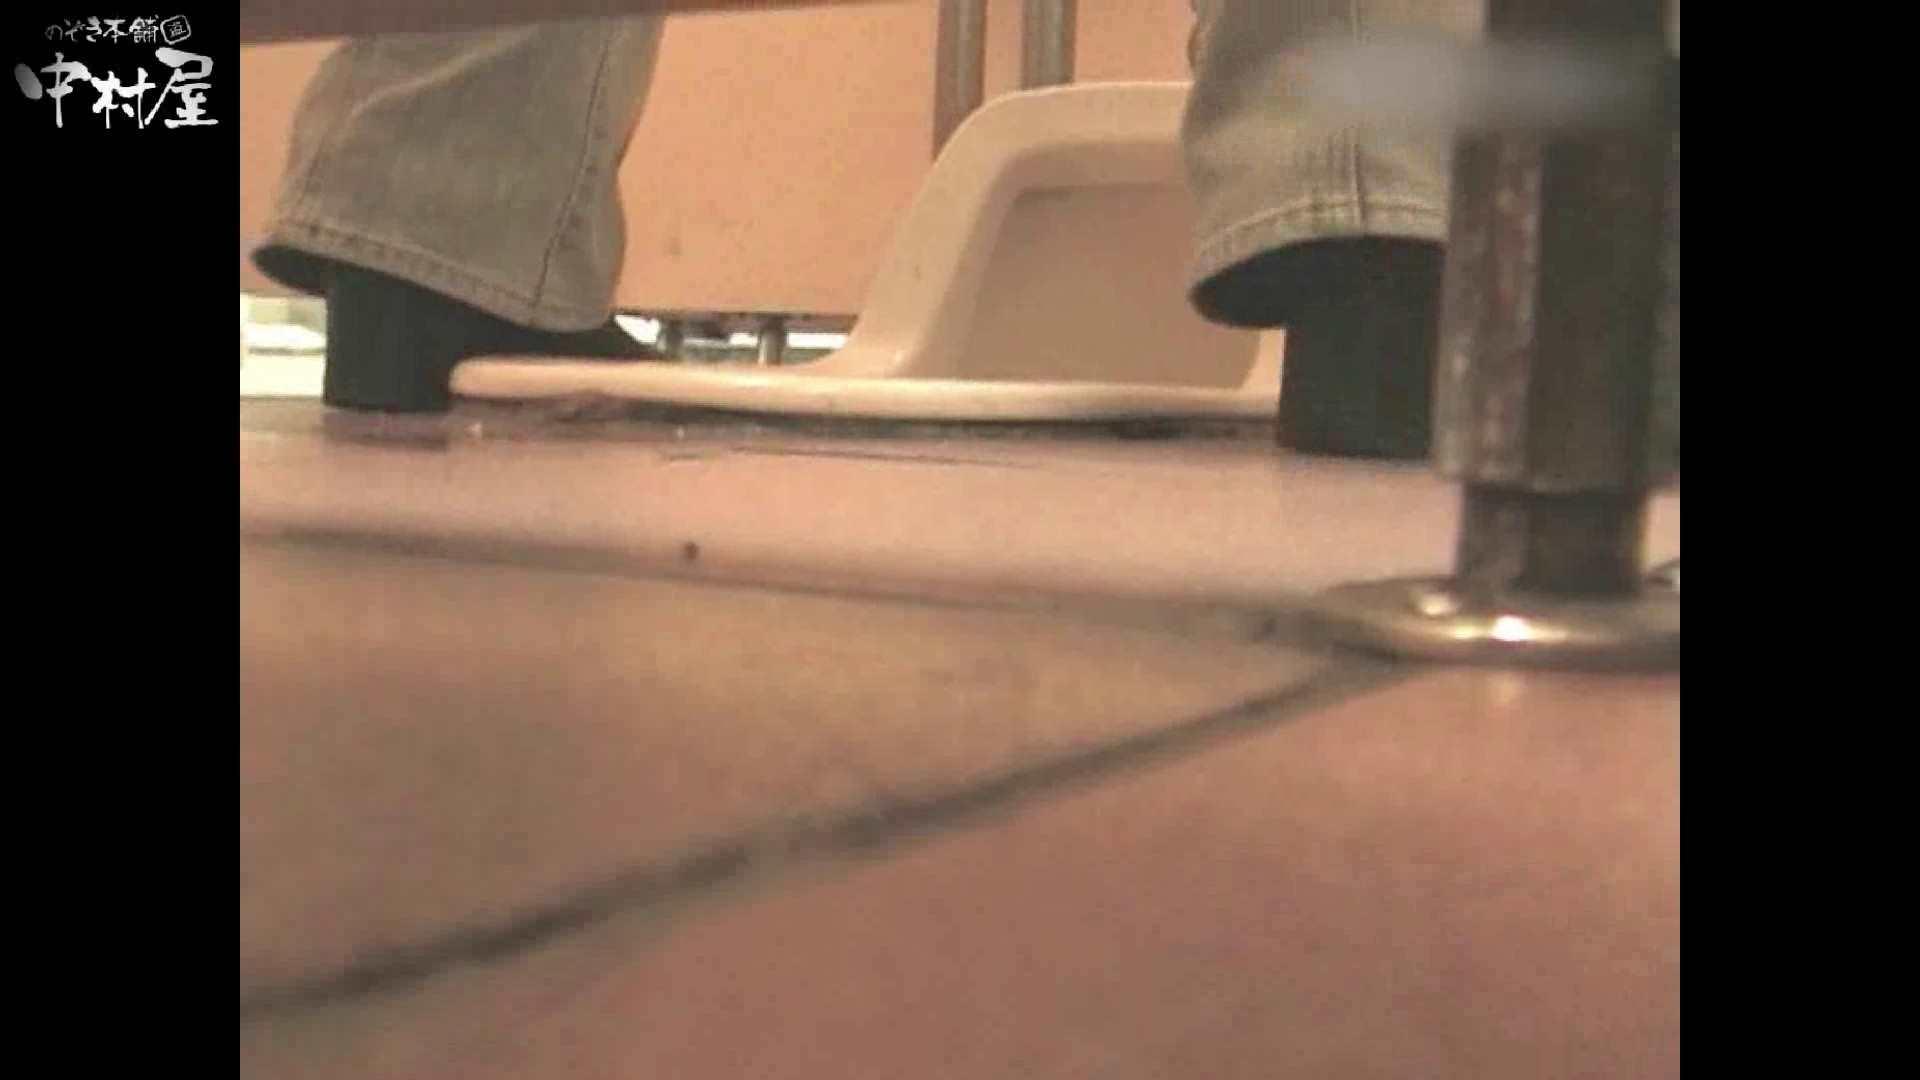 岩手県在住盗撮師盗撮記録vol.09 エッチな盗撮 盗撮動画紹介 110pic 48